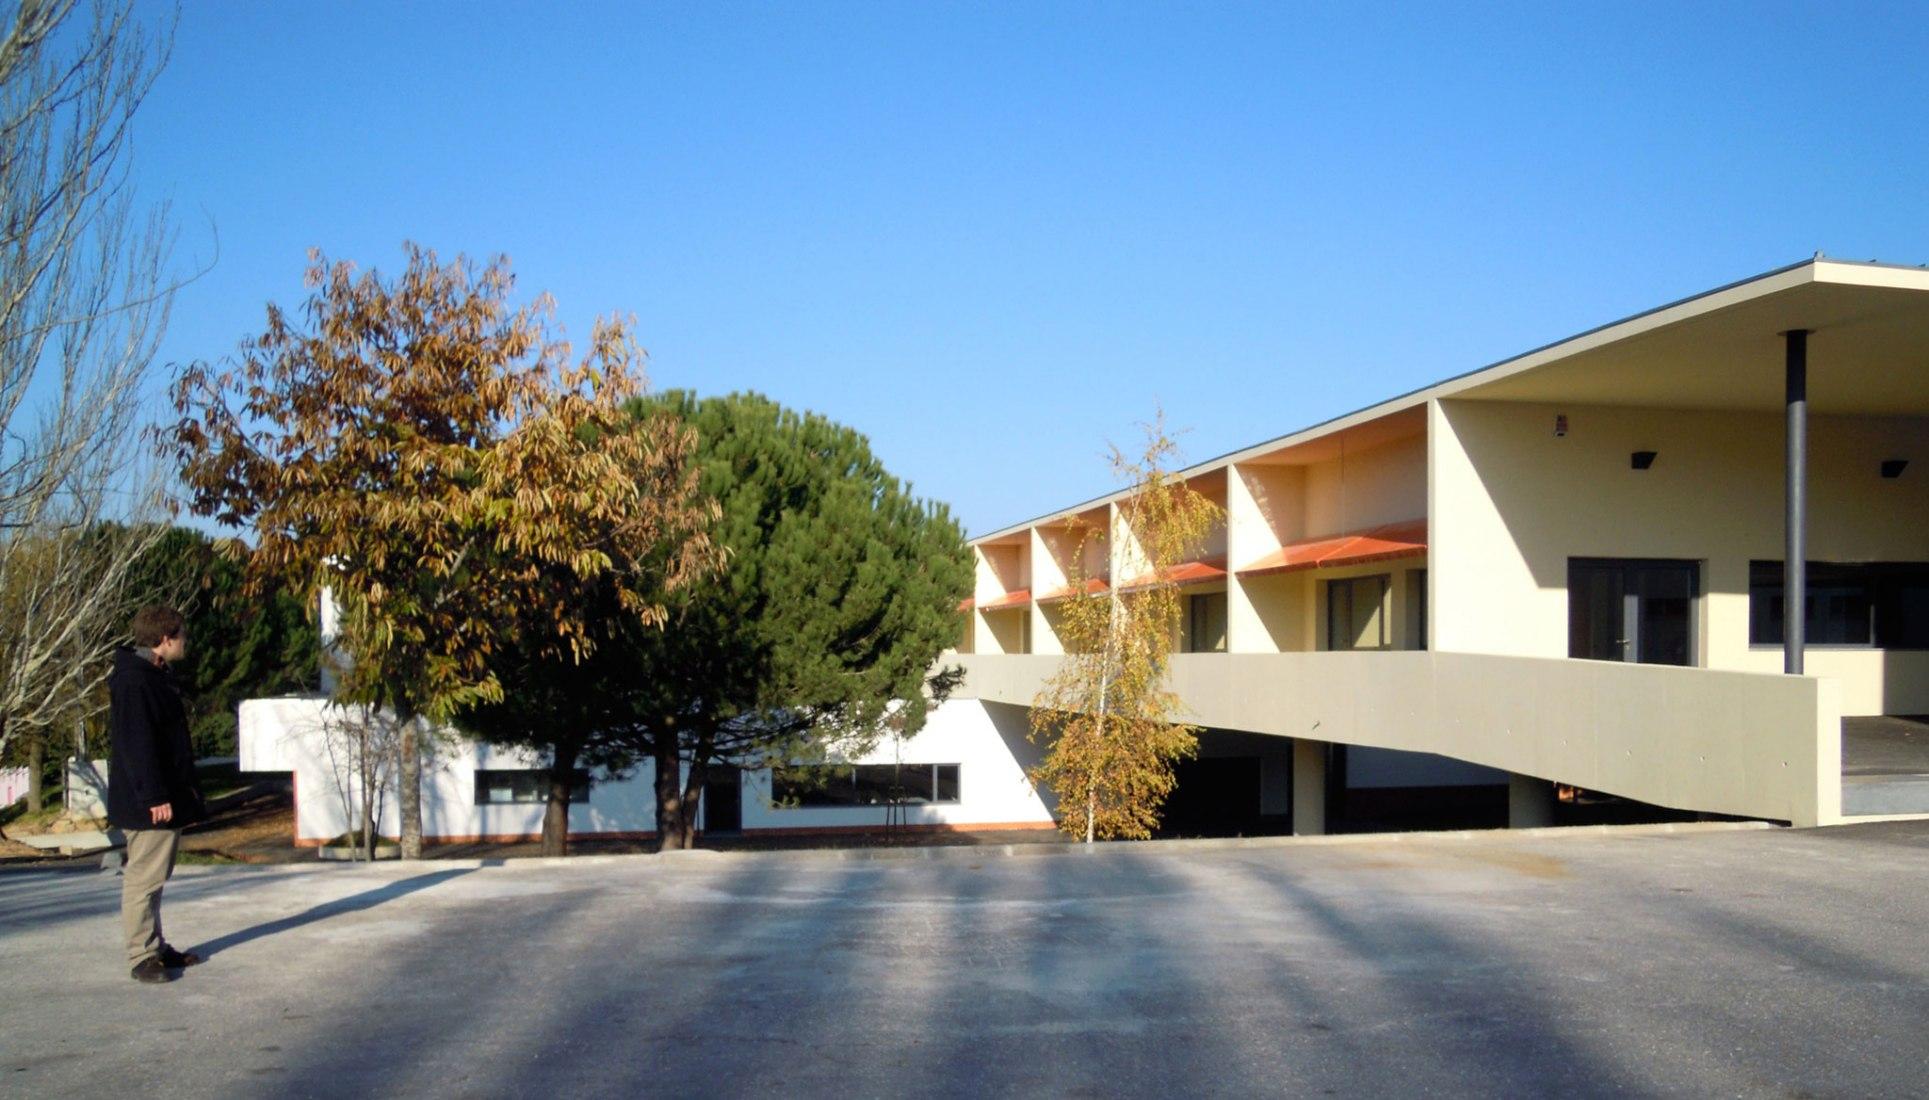 Escuela Primaria EB1 por Adalberto Dias. Imagen courtesía de los arquitectos